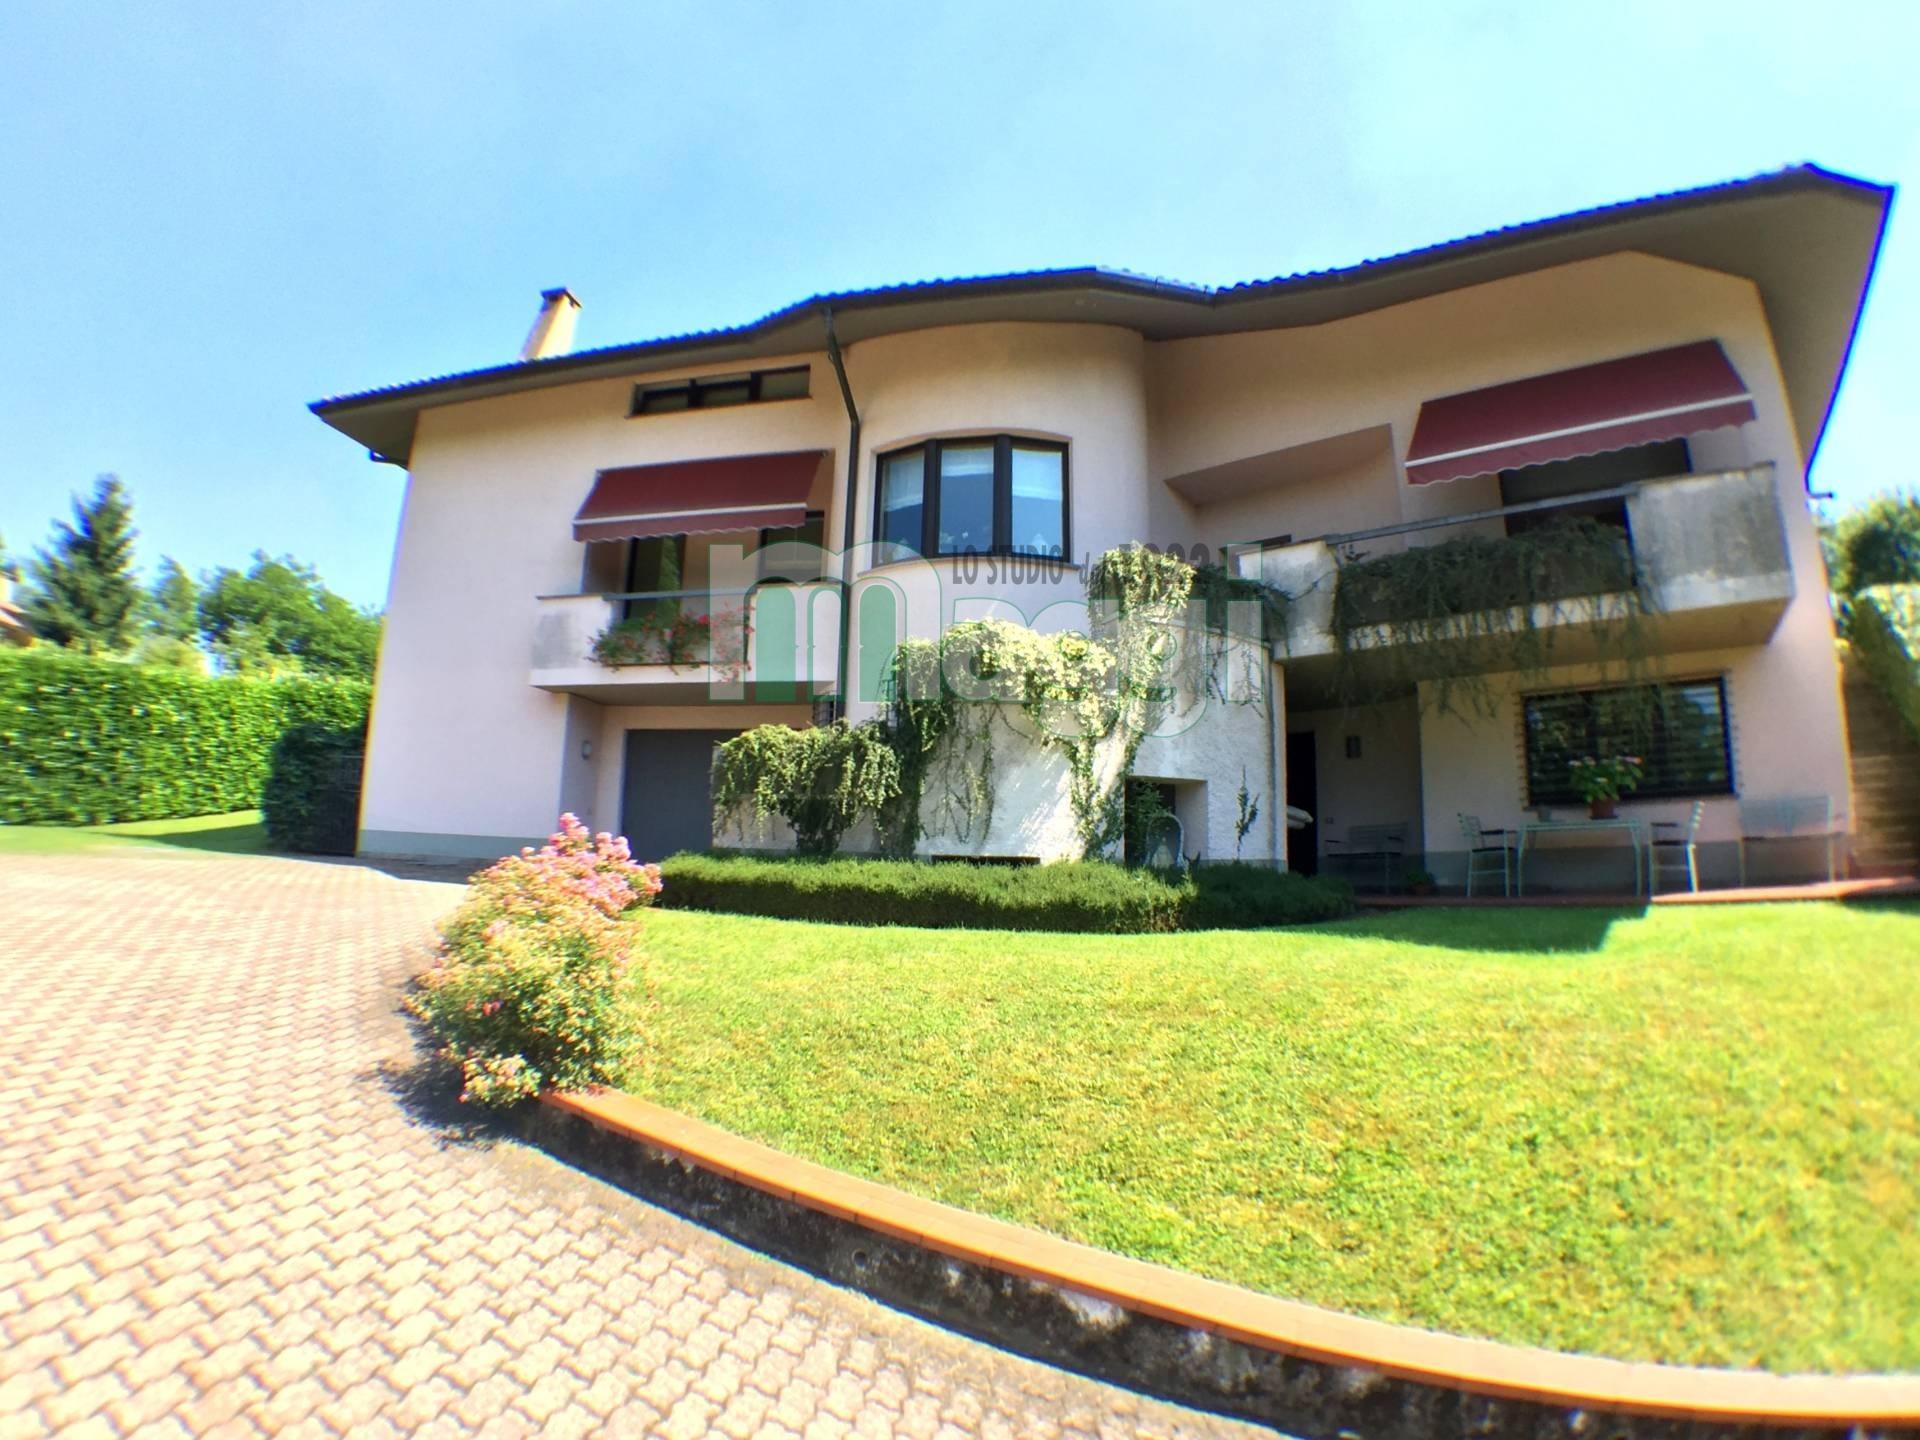 Villa in Vendita a Sumirago: 5 locali, 420 mq